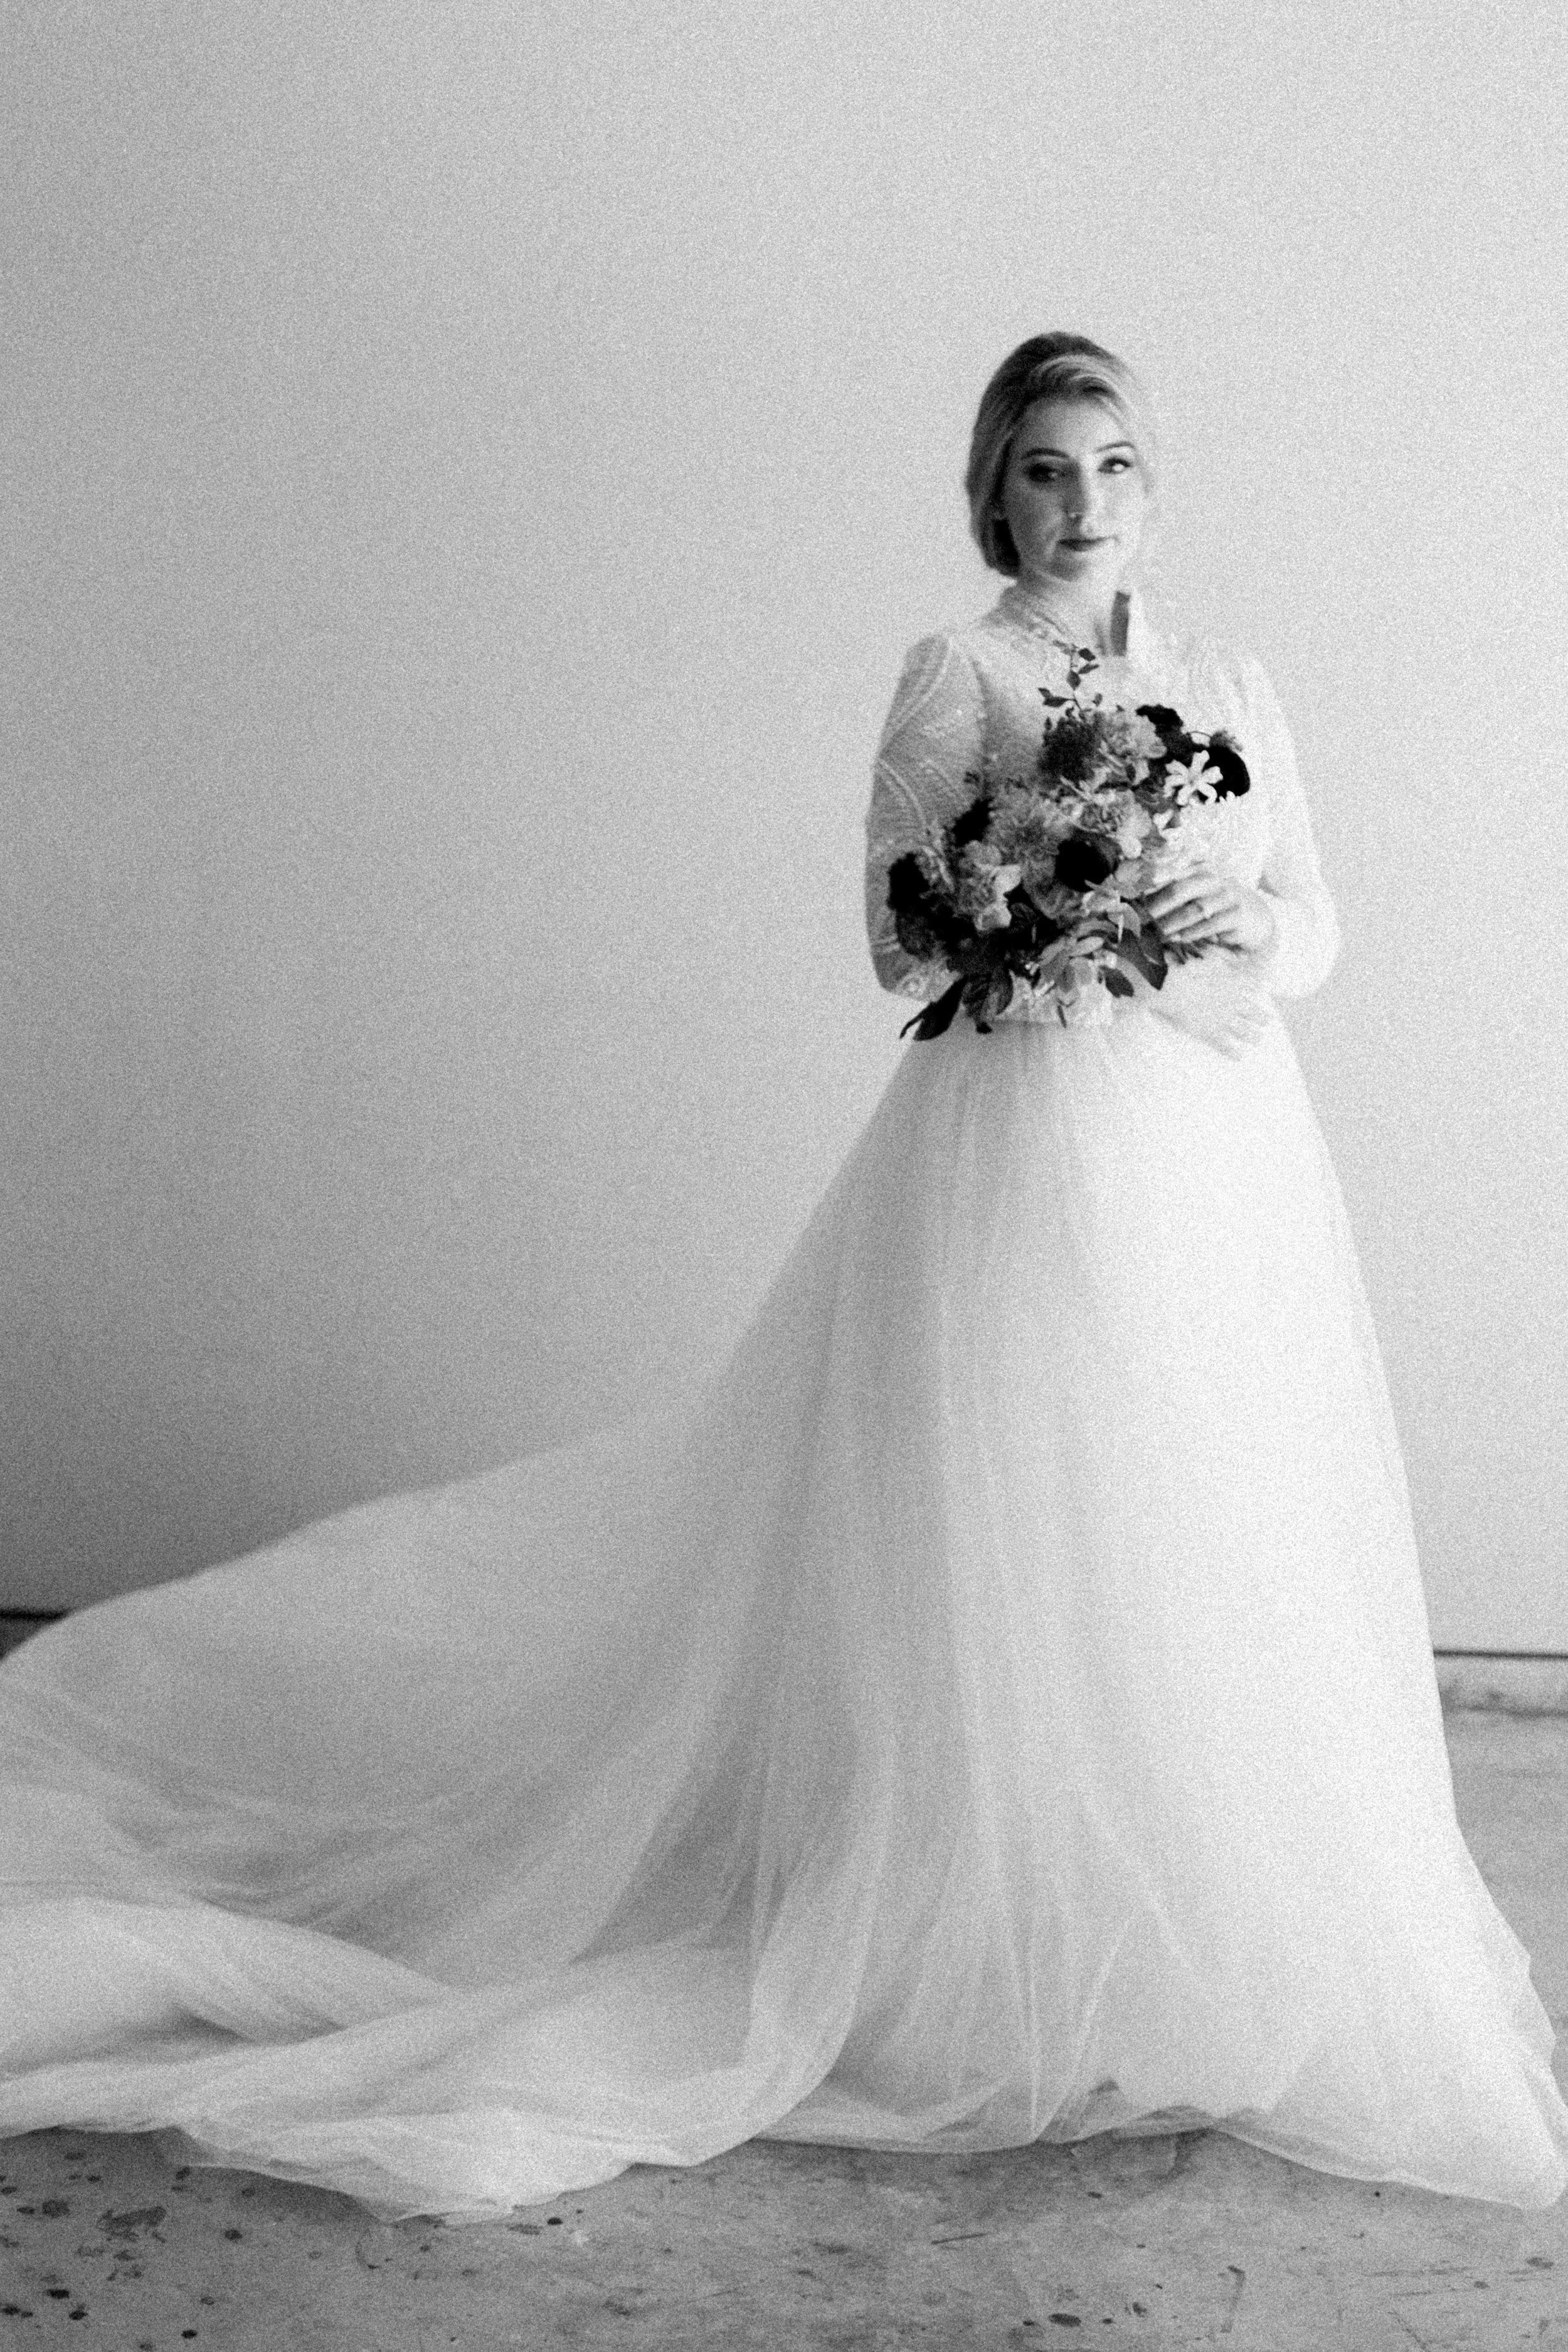 Elizabeth Lee bridal boutique (26 of 42).jpg